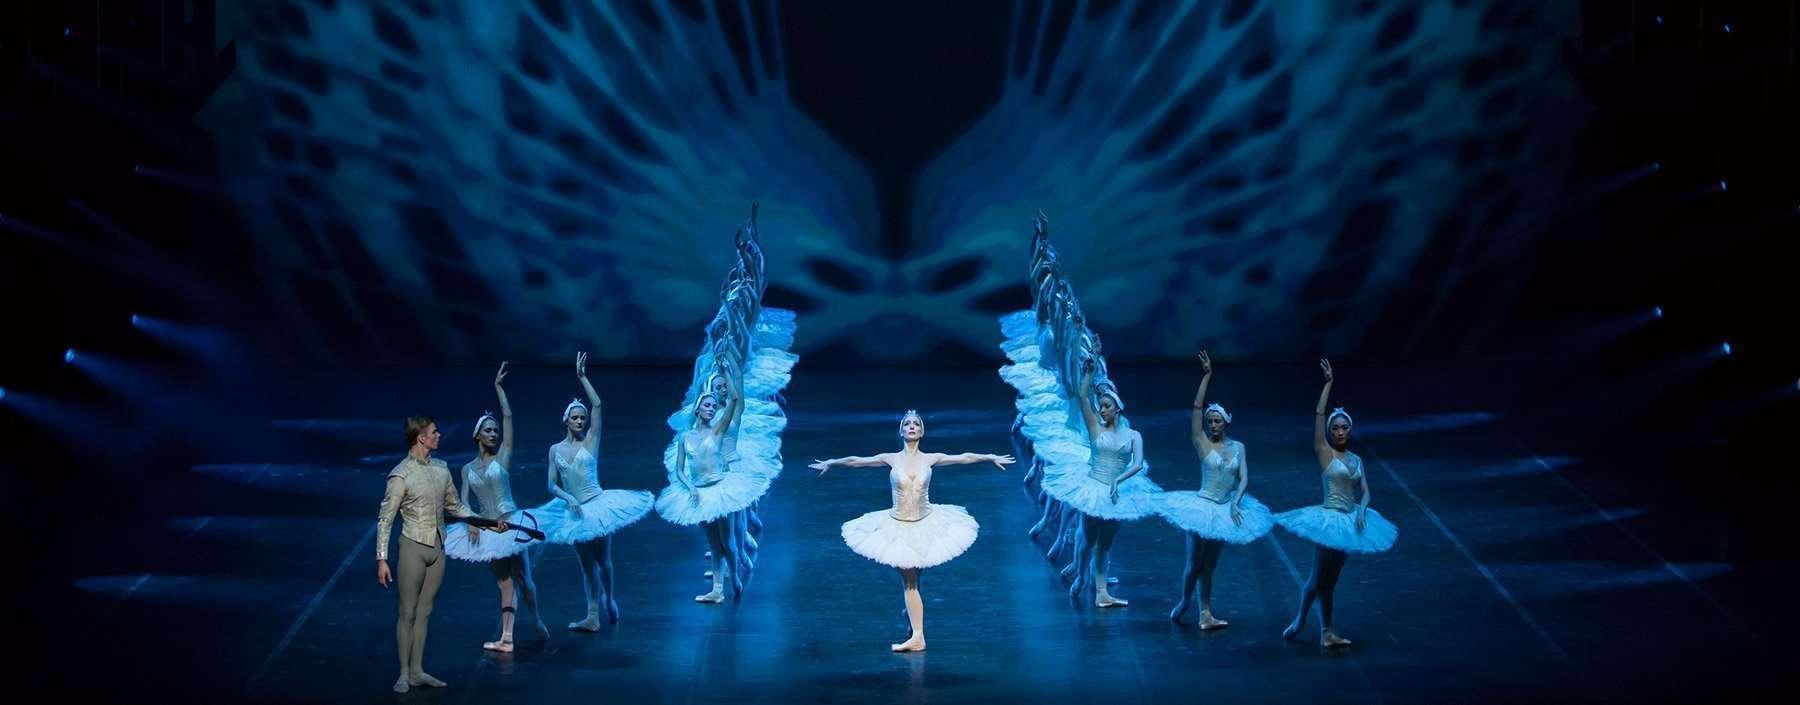 corpo di ballo del teatro reale danese